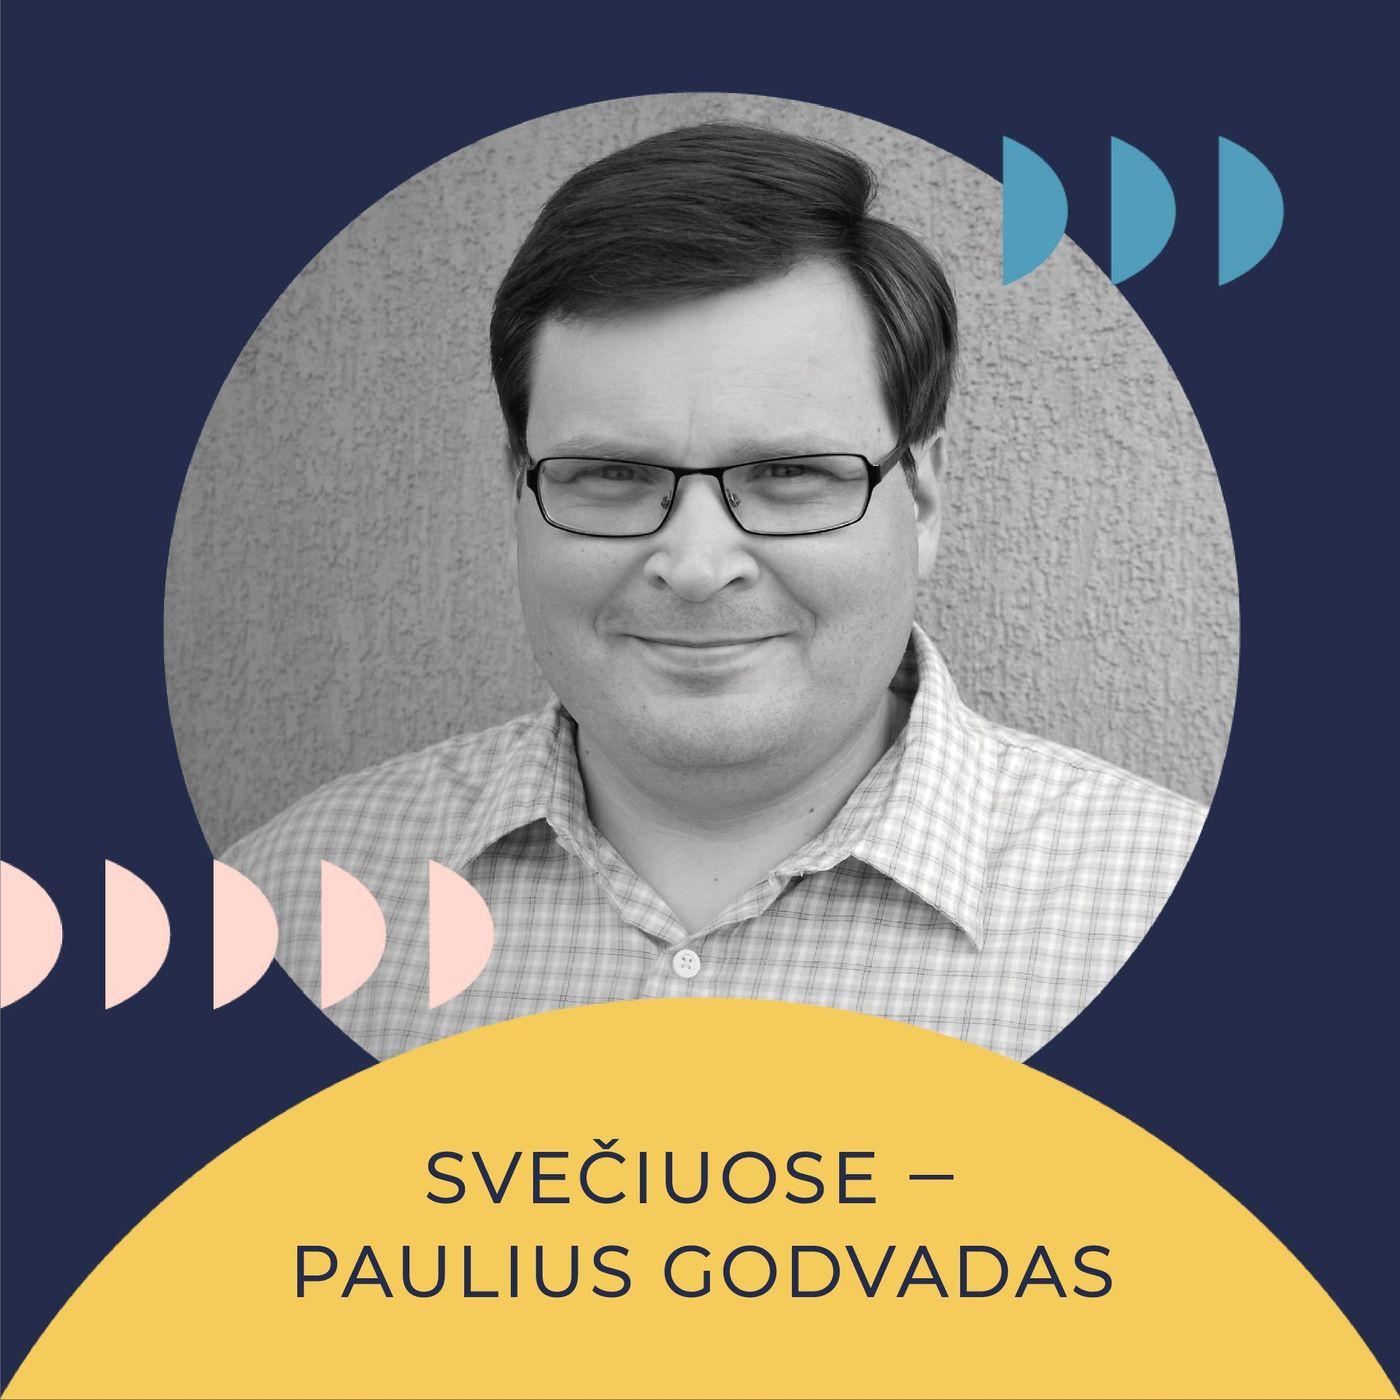 Savo galva. Paulius Godvadas: Kritinis mąstymas ir bendruomenė. Kodėl mums vis dar sunku surasti bendrus sprendimus ir kokia to kaina?